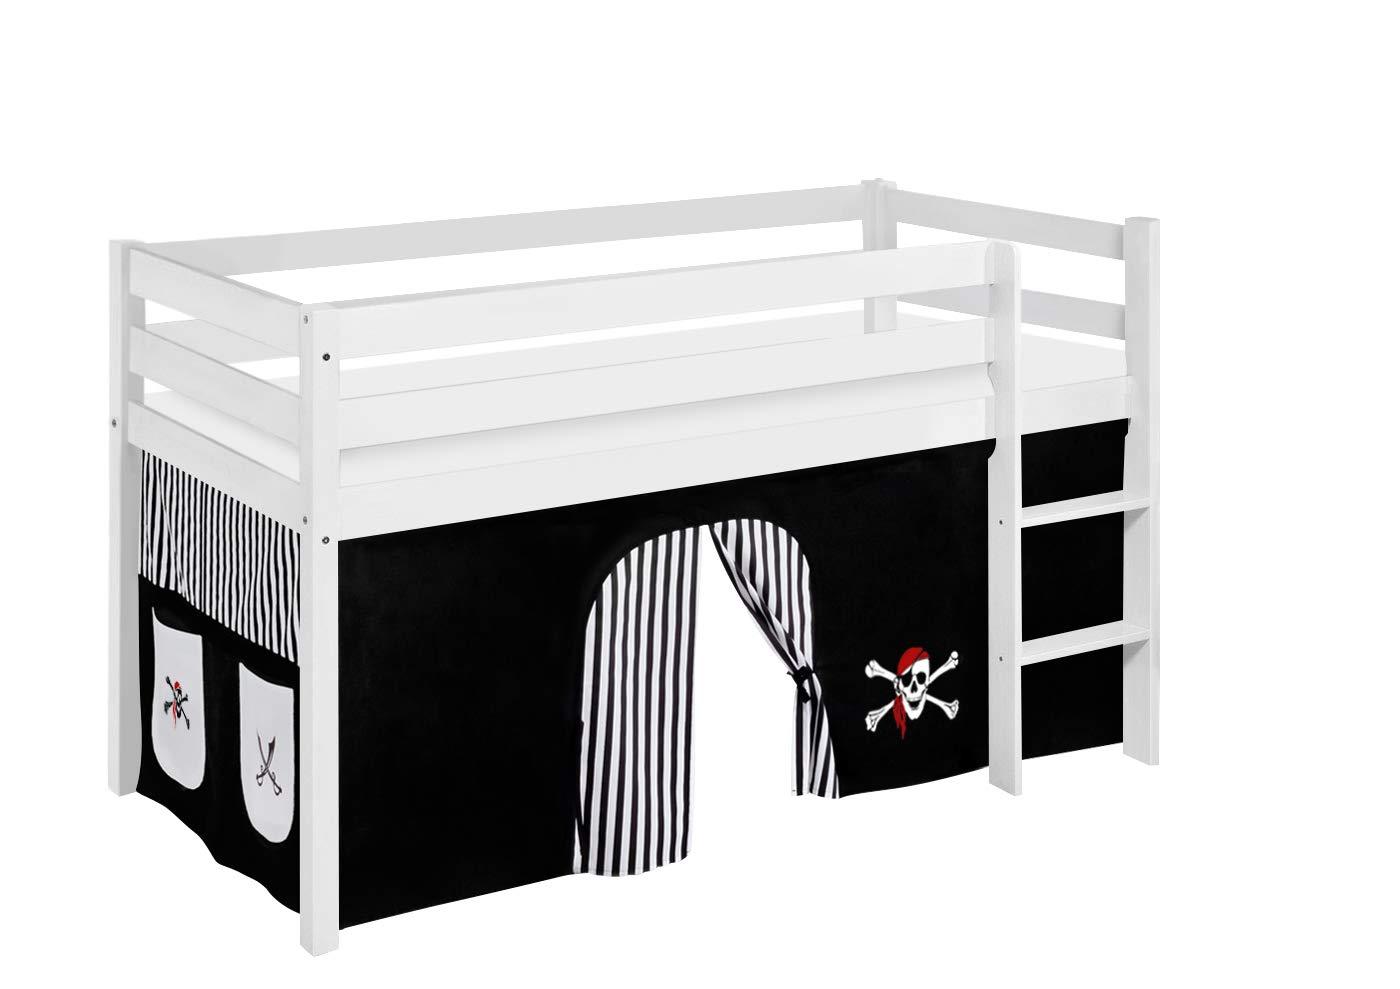 Lilokids Spielbett JELLE Pirat Schwarz Weiß - Hochbett weiß - mit Vorhang